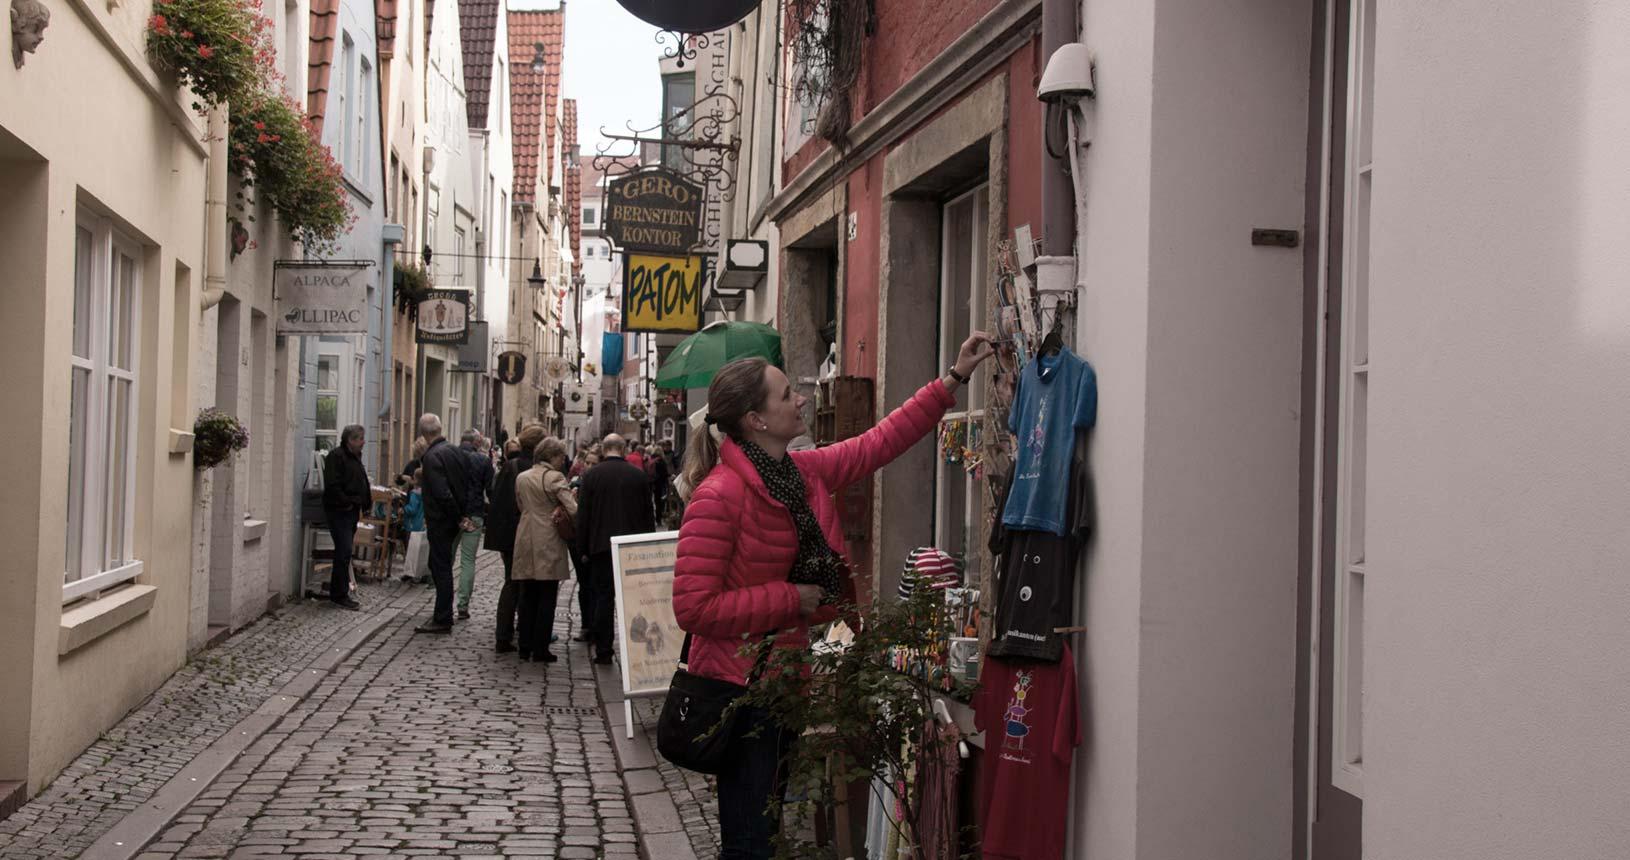 Menschen schlendern durch den Schnoor, Frau mustert Angebote eines Ladens